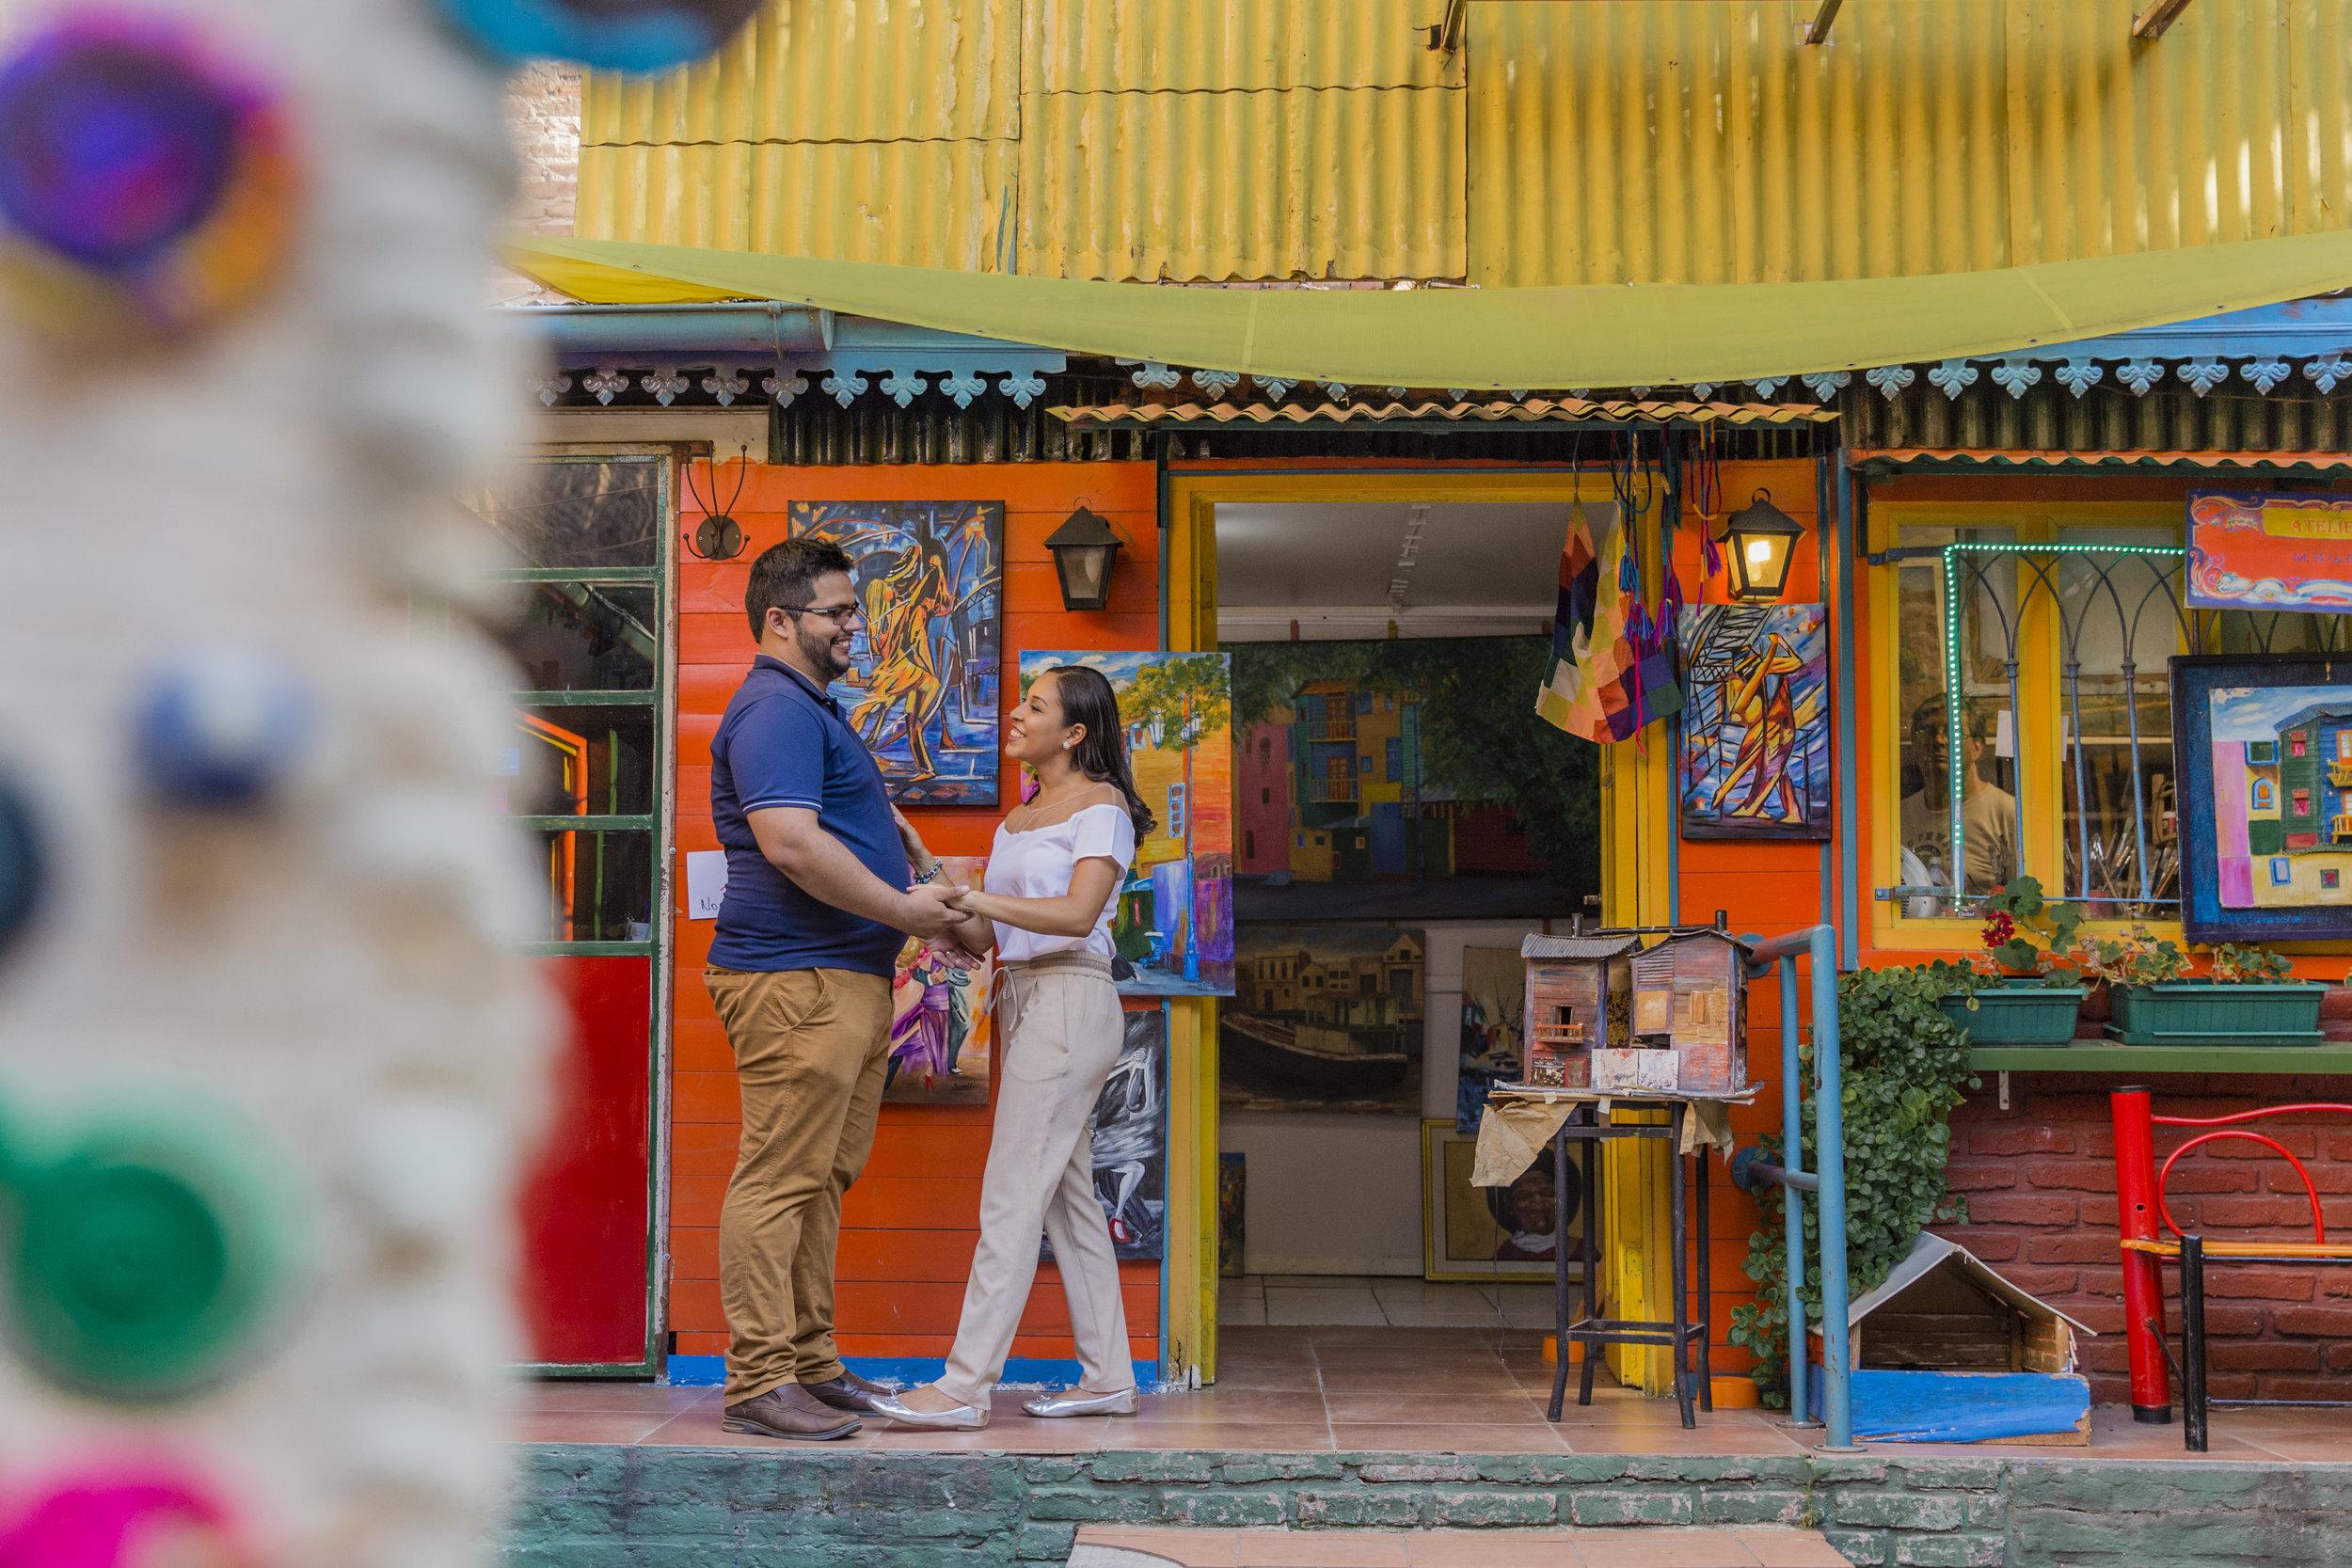 fotografo-brasileiro-em-buenos-aires-5920.jpg